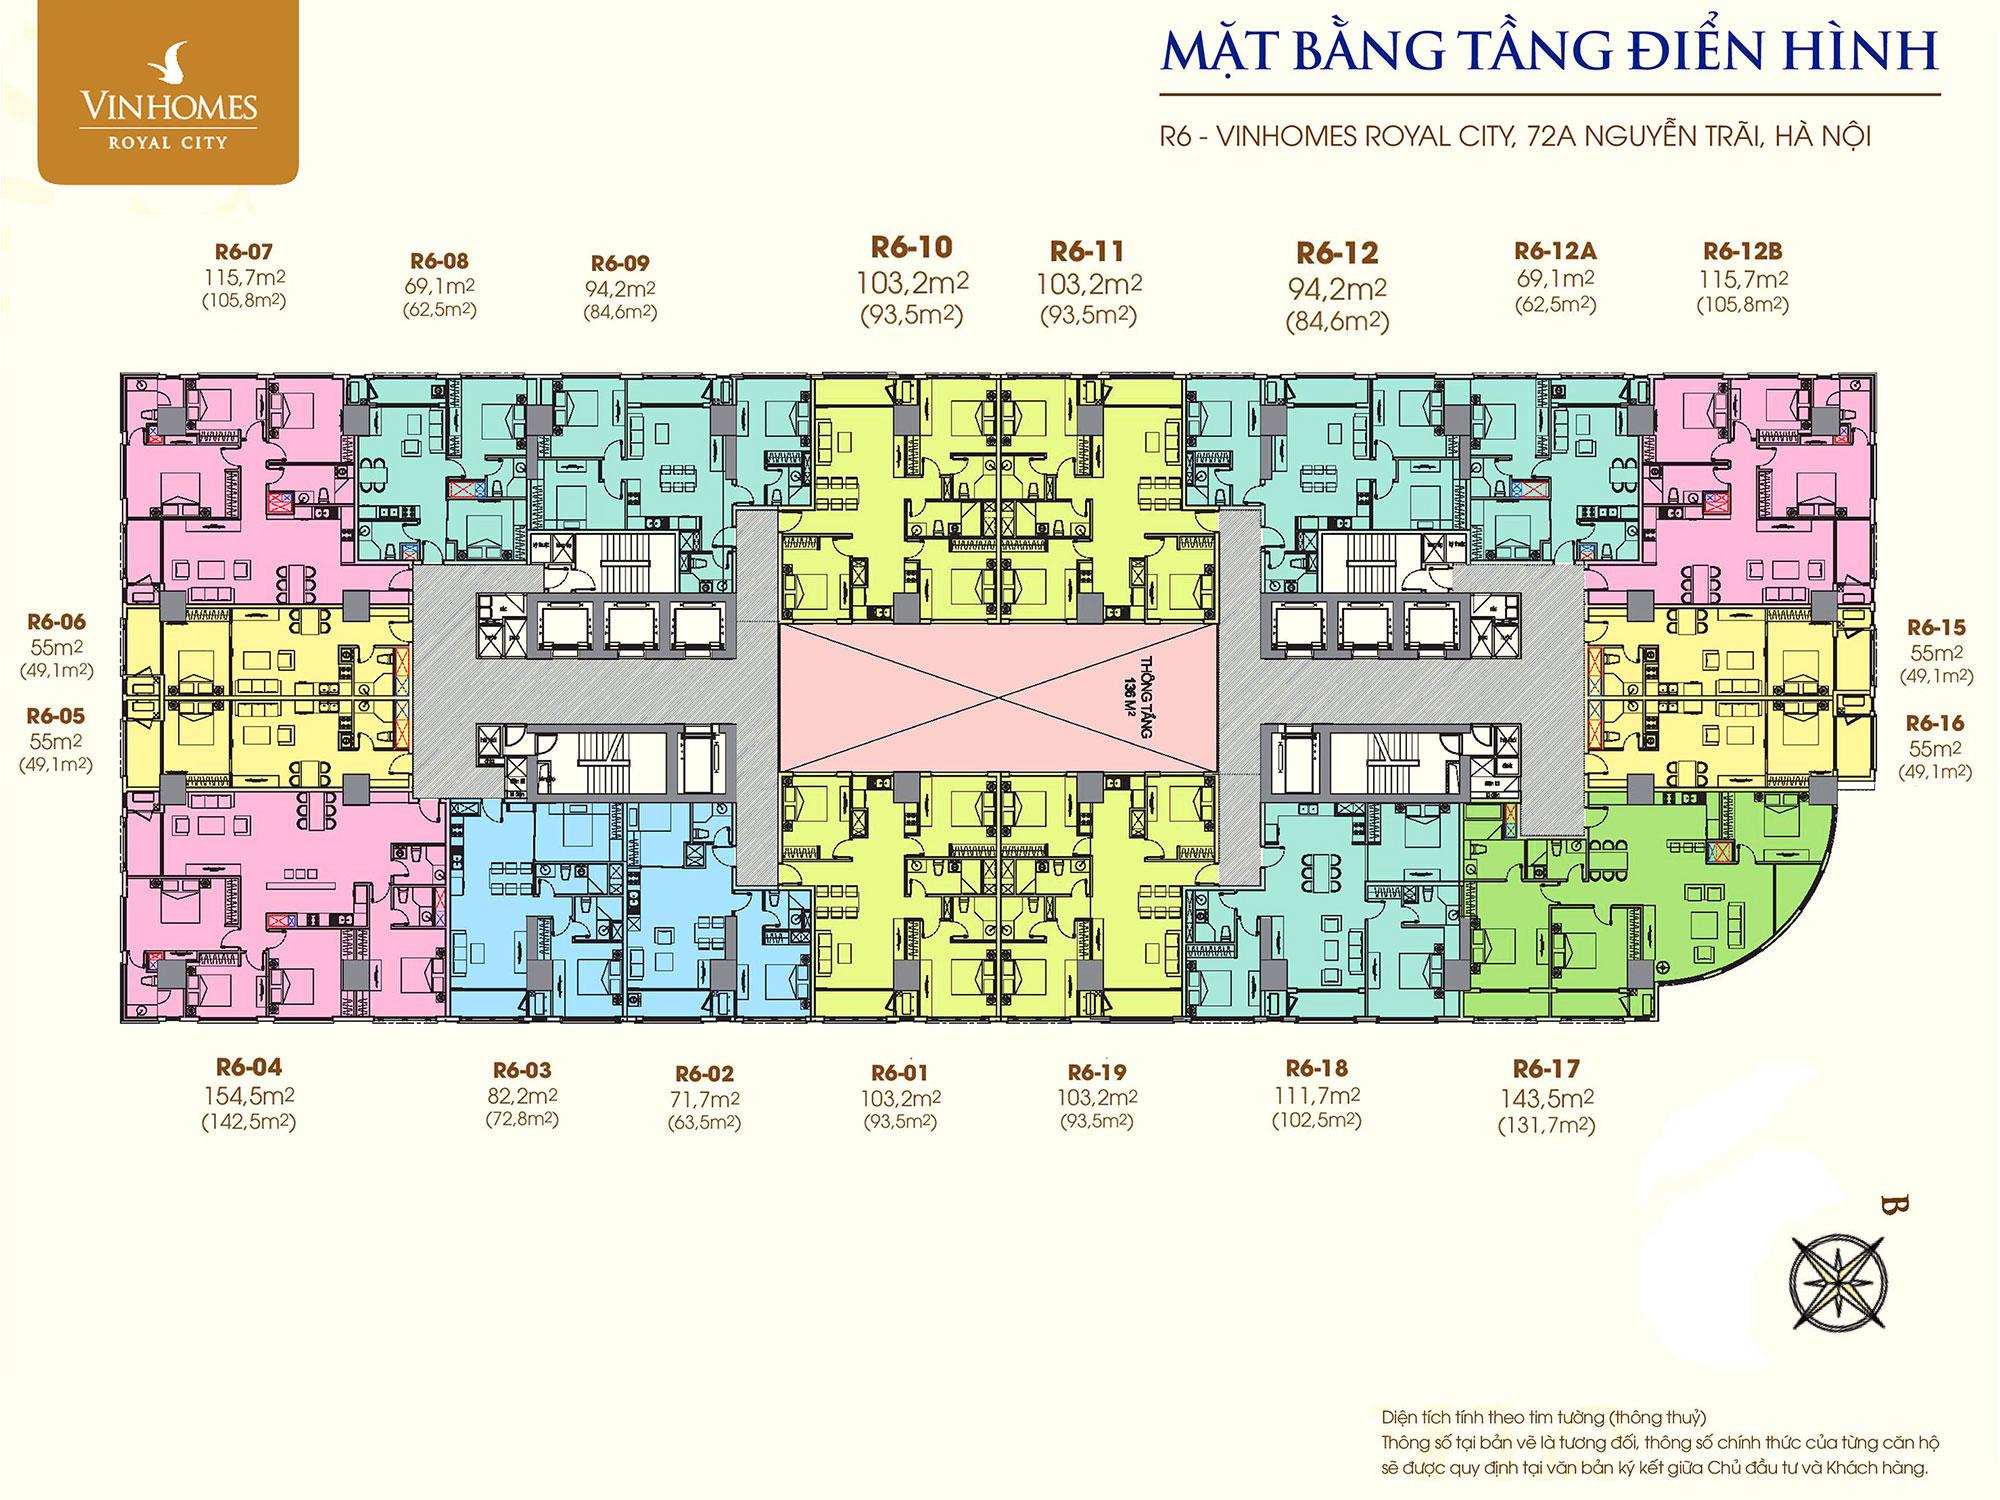 mat-bang-tang-3-30-toa-r6-vinhomes-royal-city